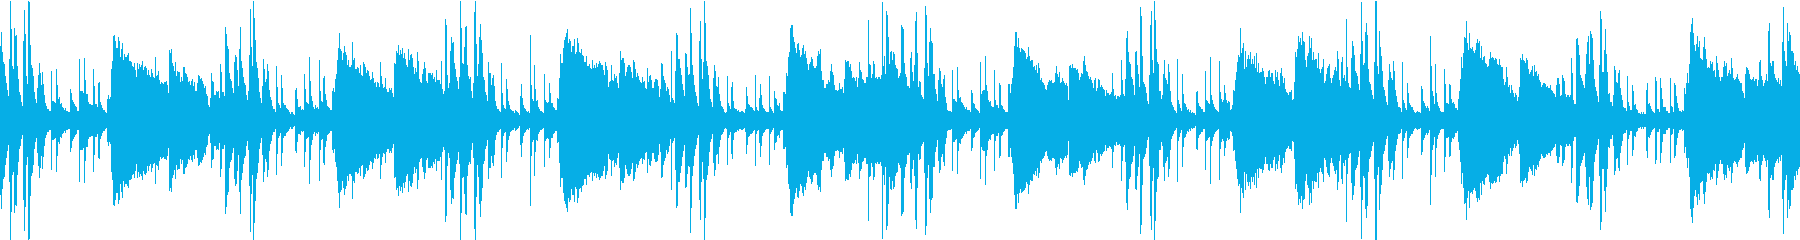 潜入、コソコソした場面のBGM(ループ)の再生済みの波形